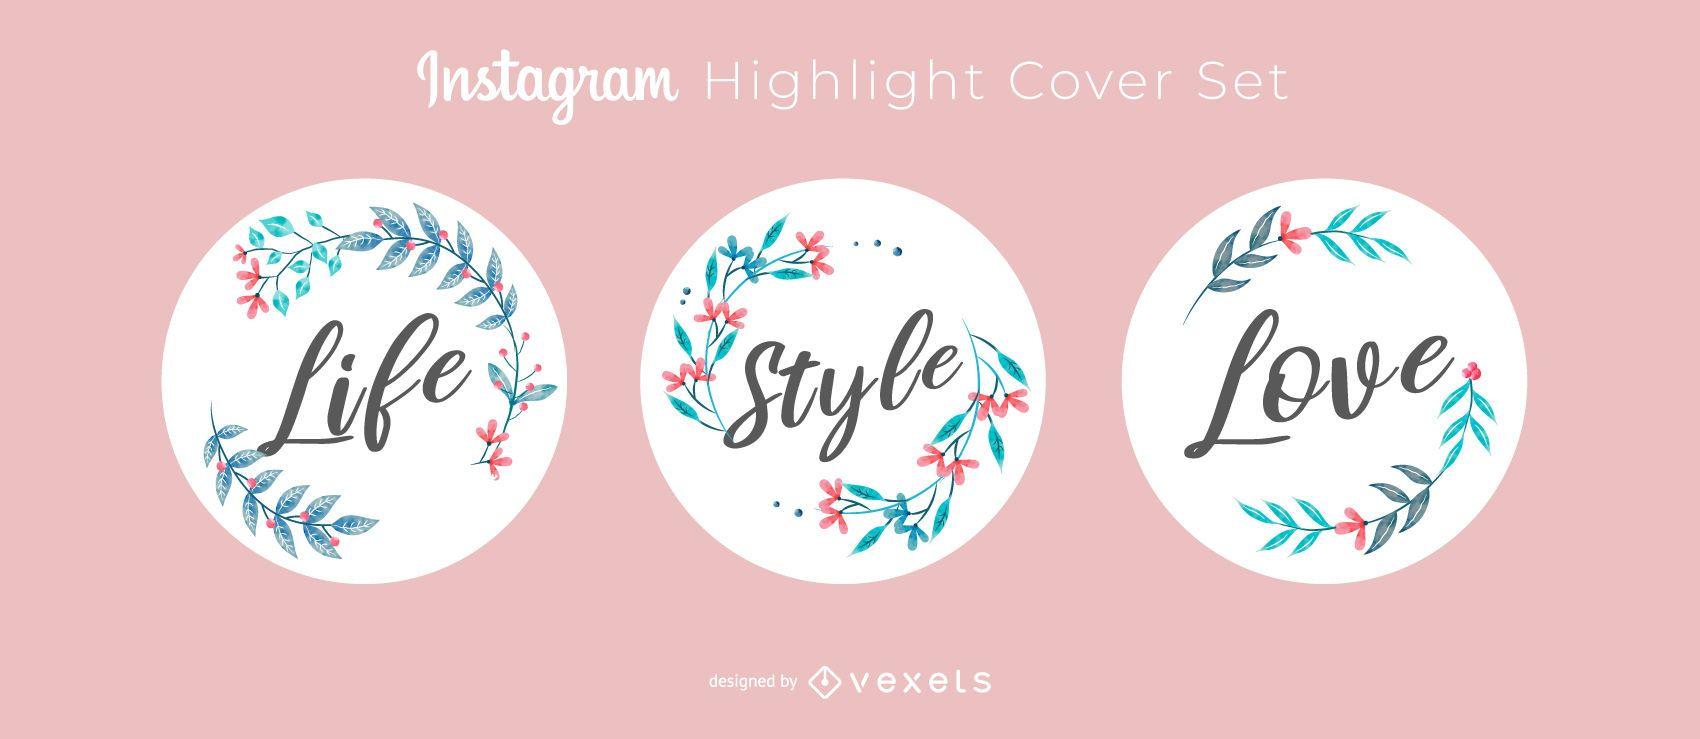 Instagram Lettering Highlight Cover Design Set